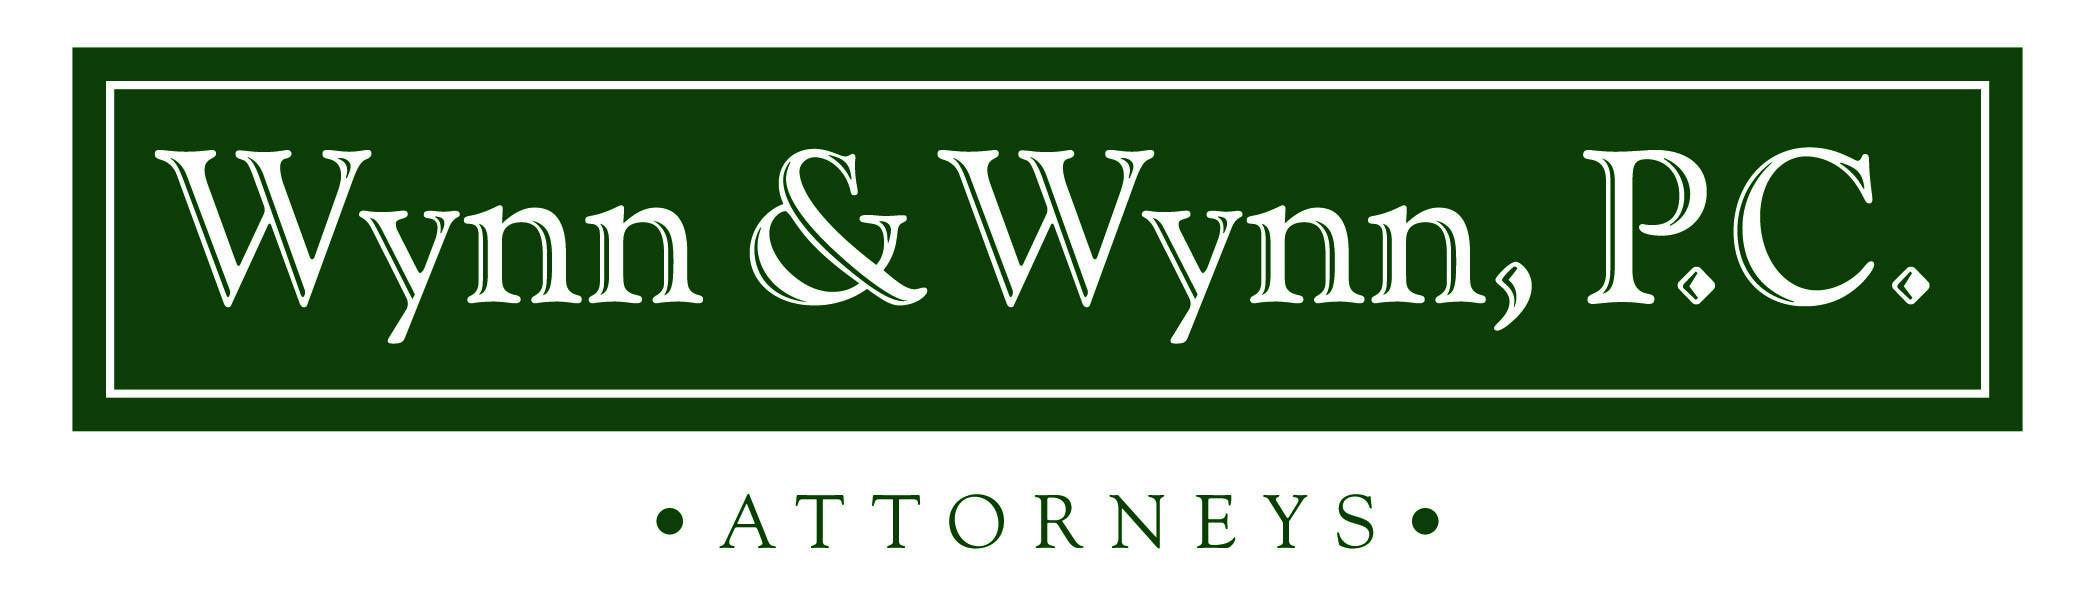 Wynn & Wynn Logo